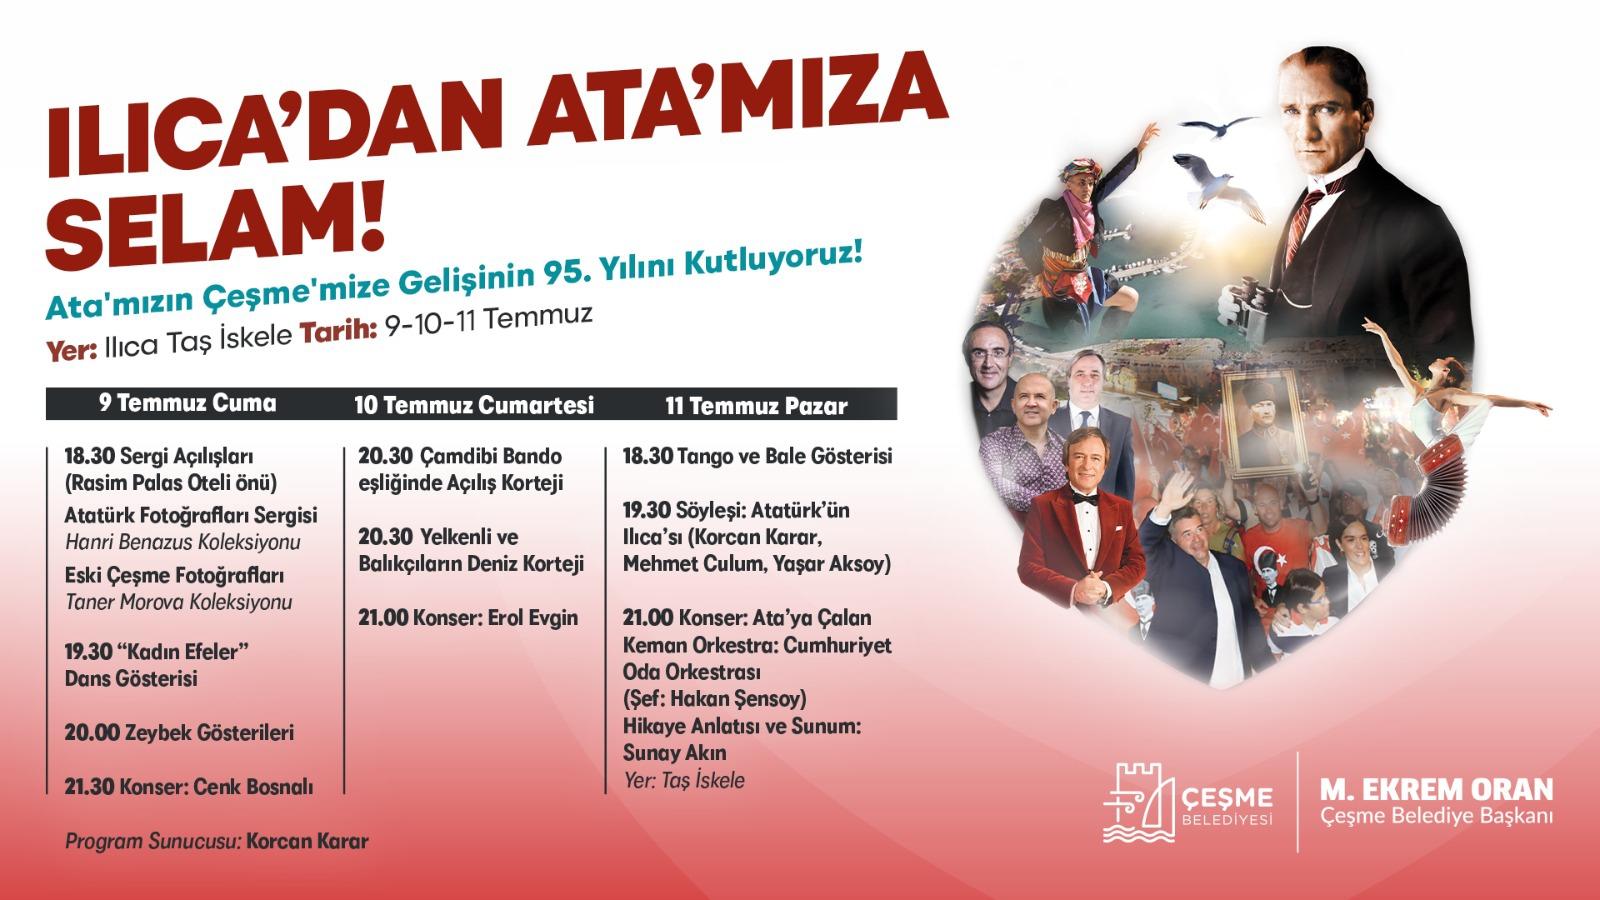 Ilıca'dan Ata'mıza selam!